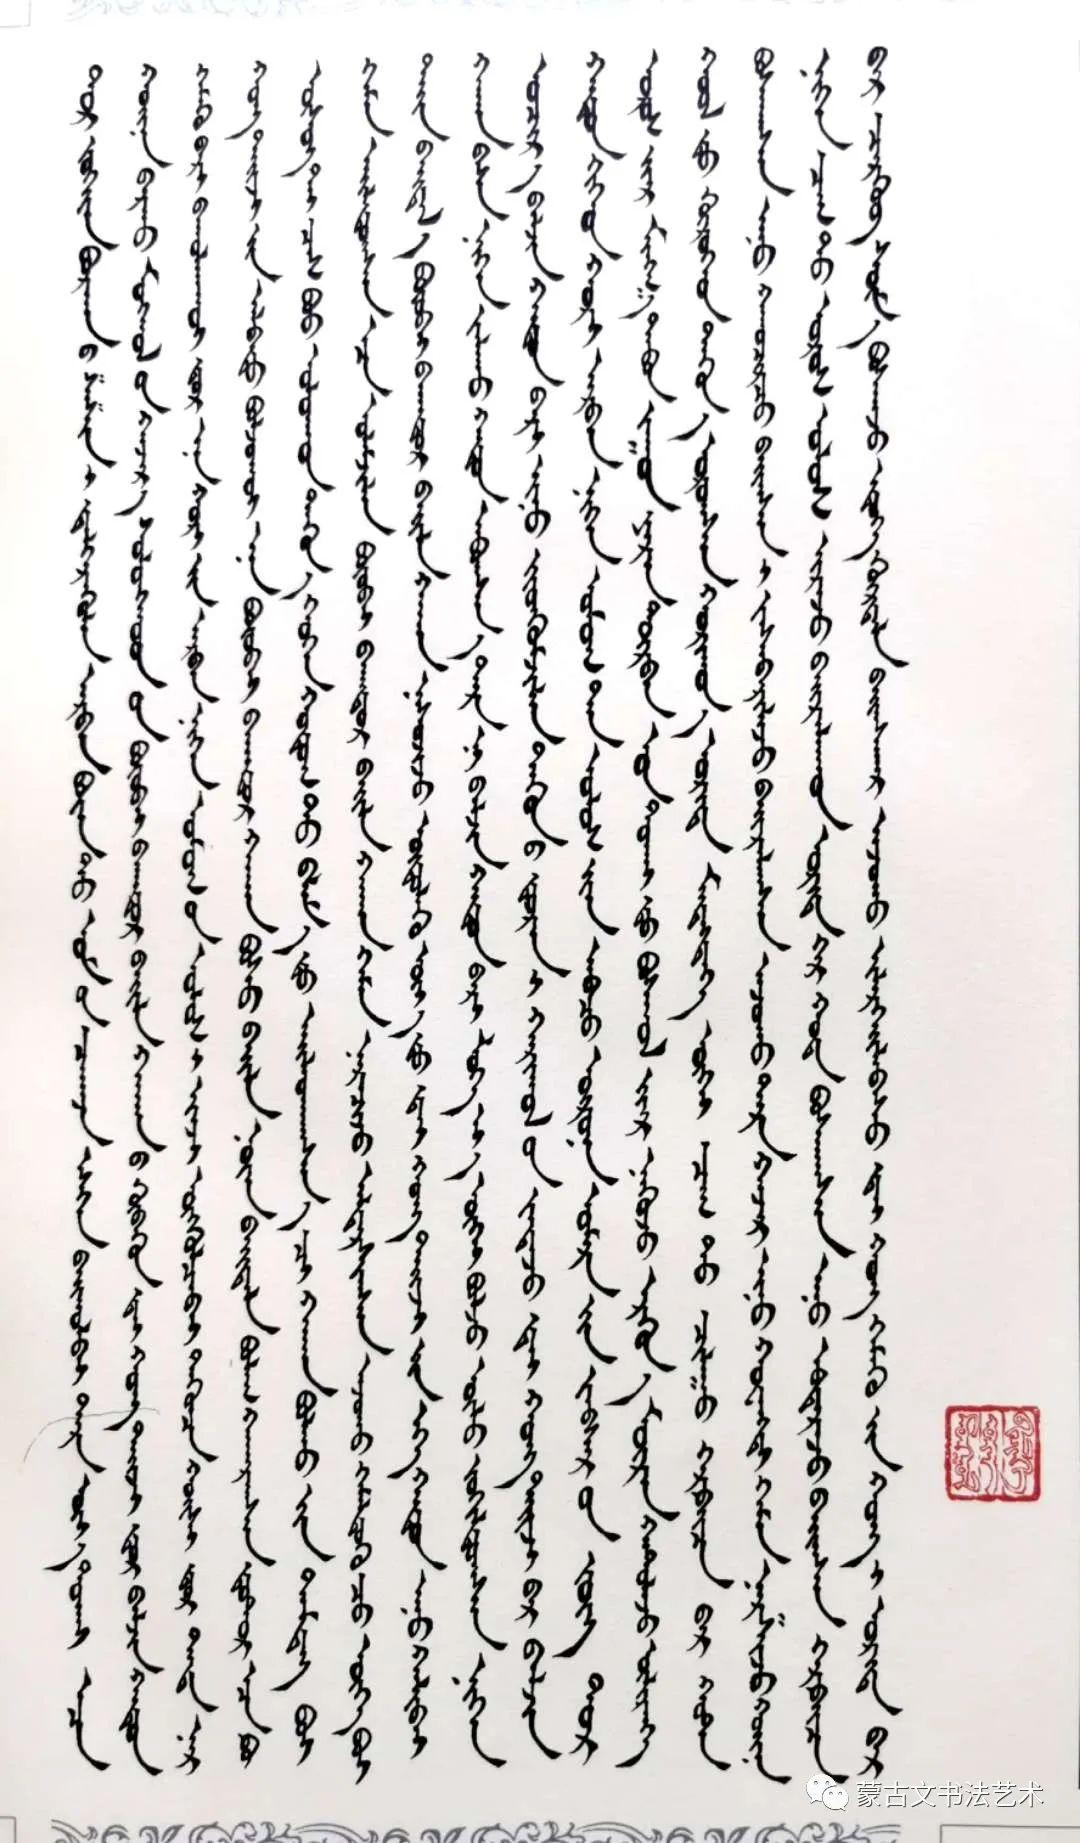 蒙古文经典文献当代书法名家手抄本之斯仁巴图《布里亚特史》 第8张